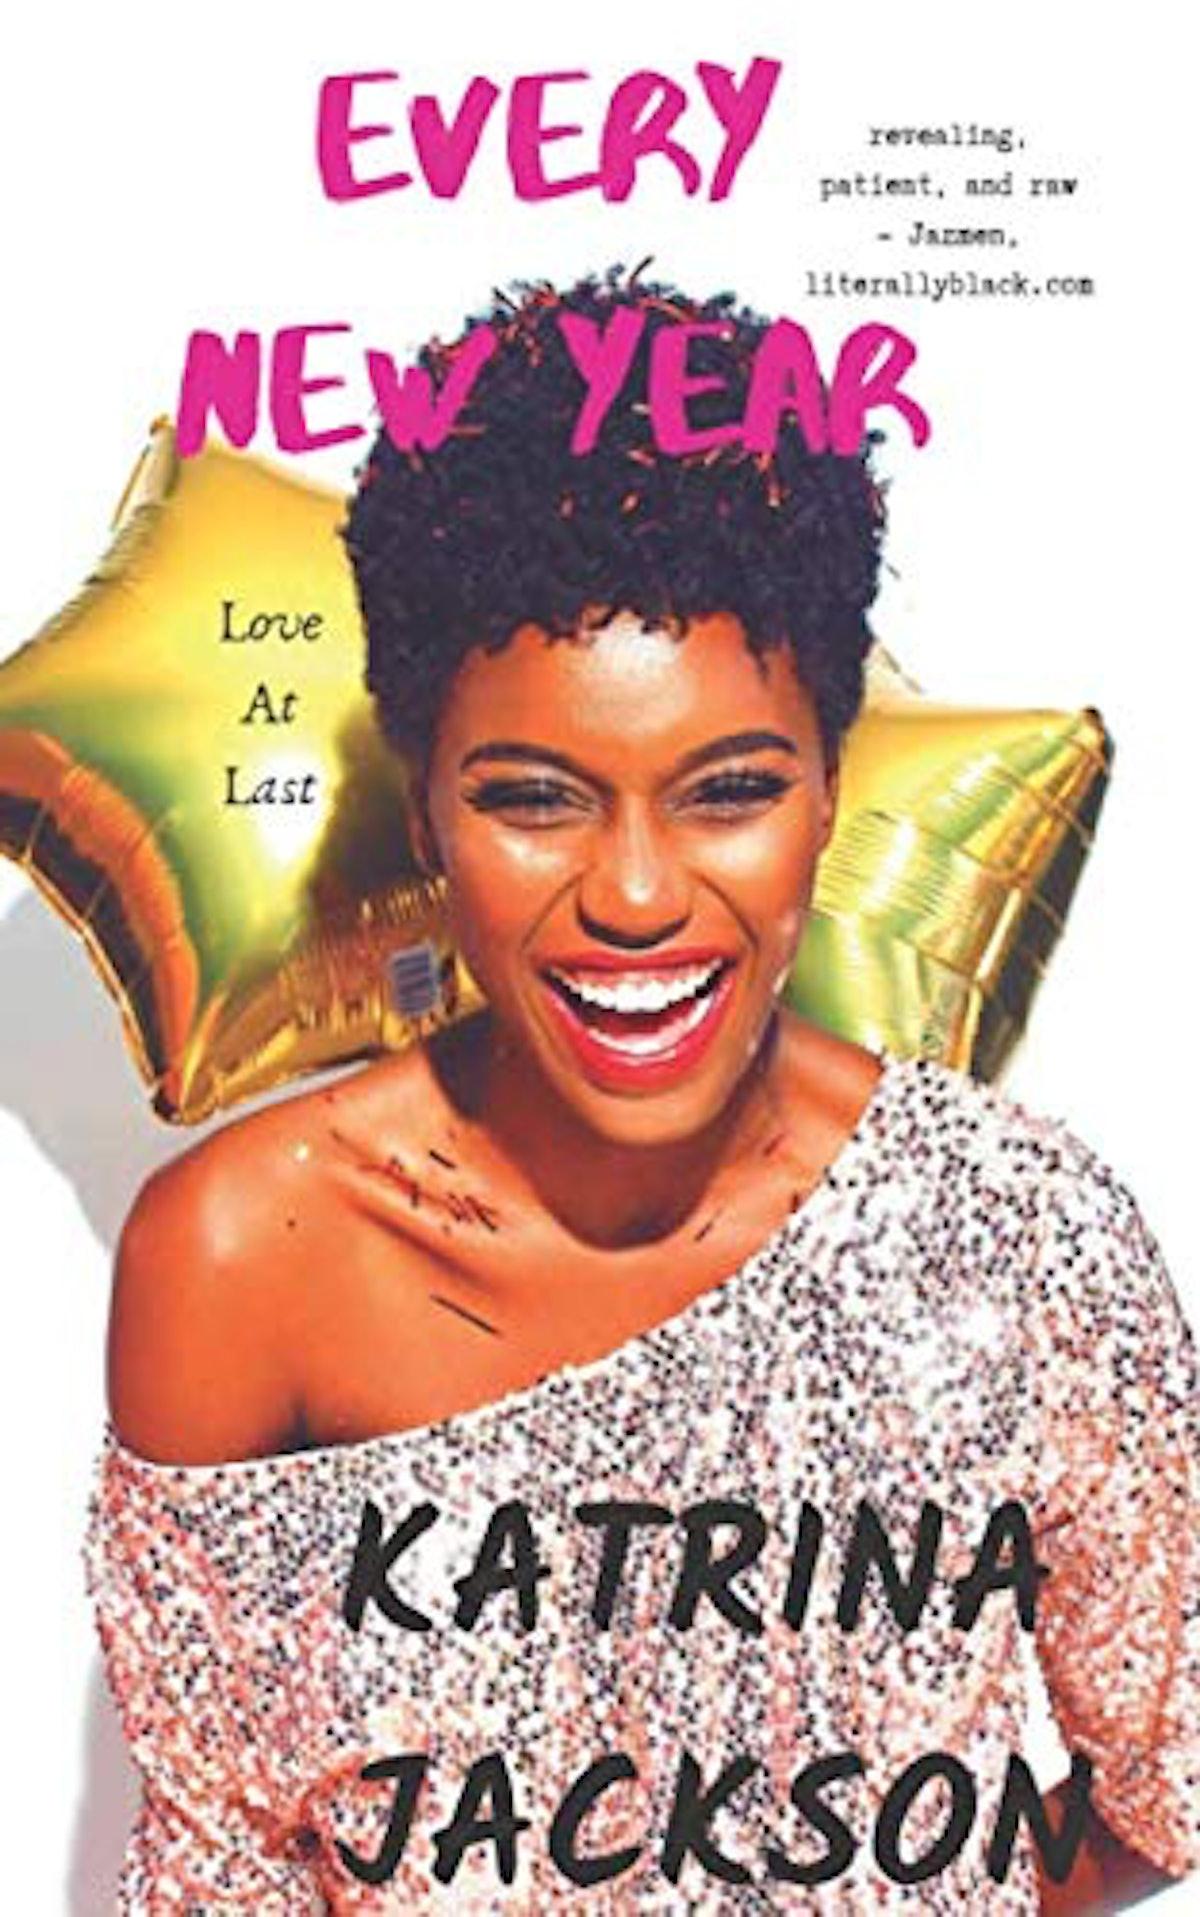 'Every New Year' by Katrina Jackson